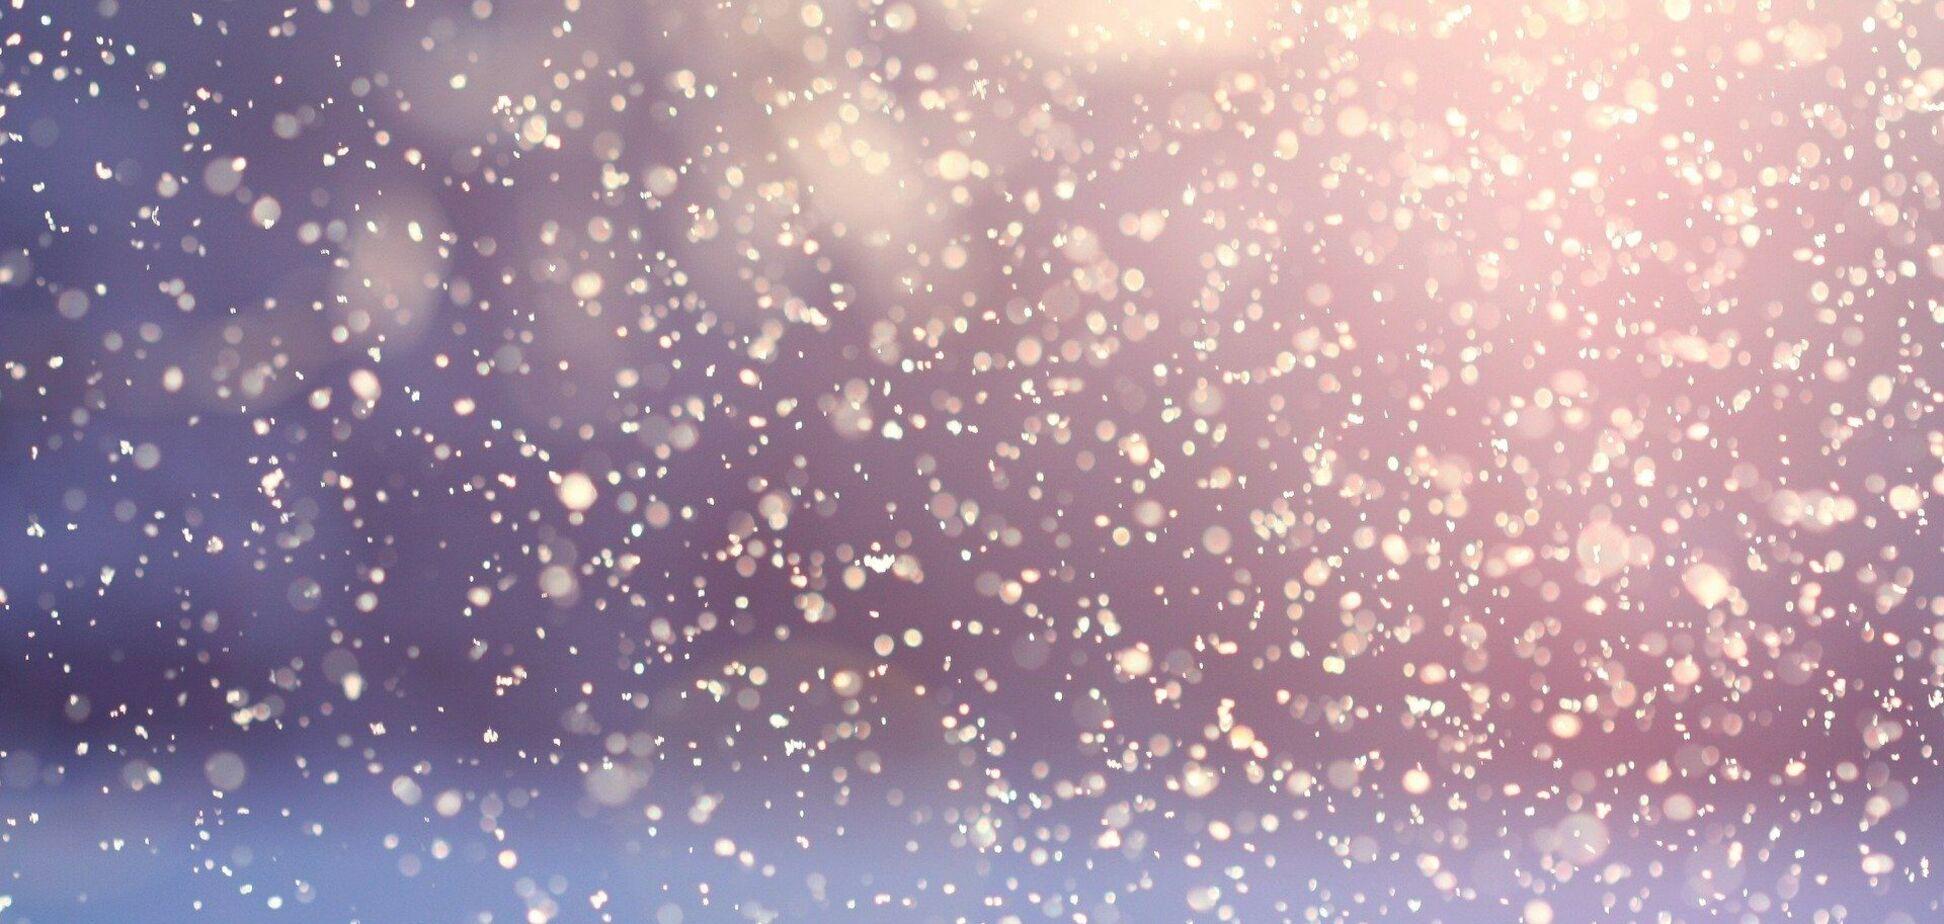 В субботу в Украине пойдет снег